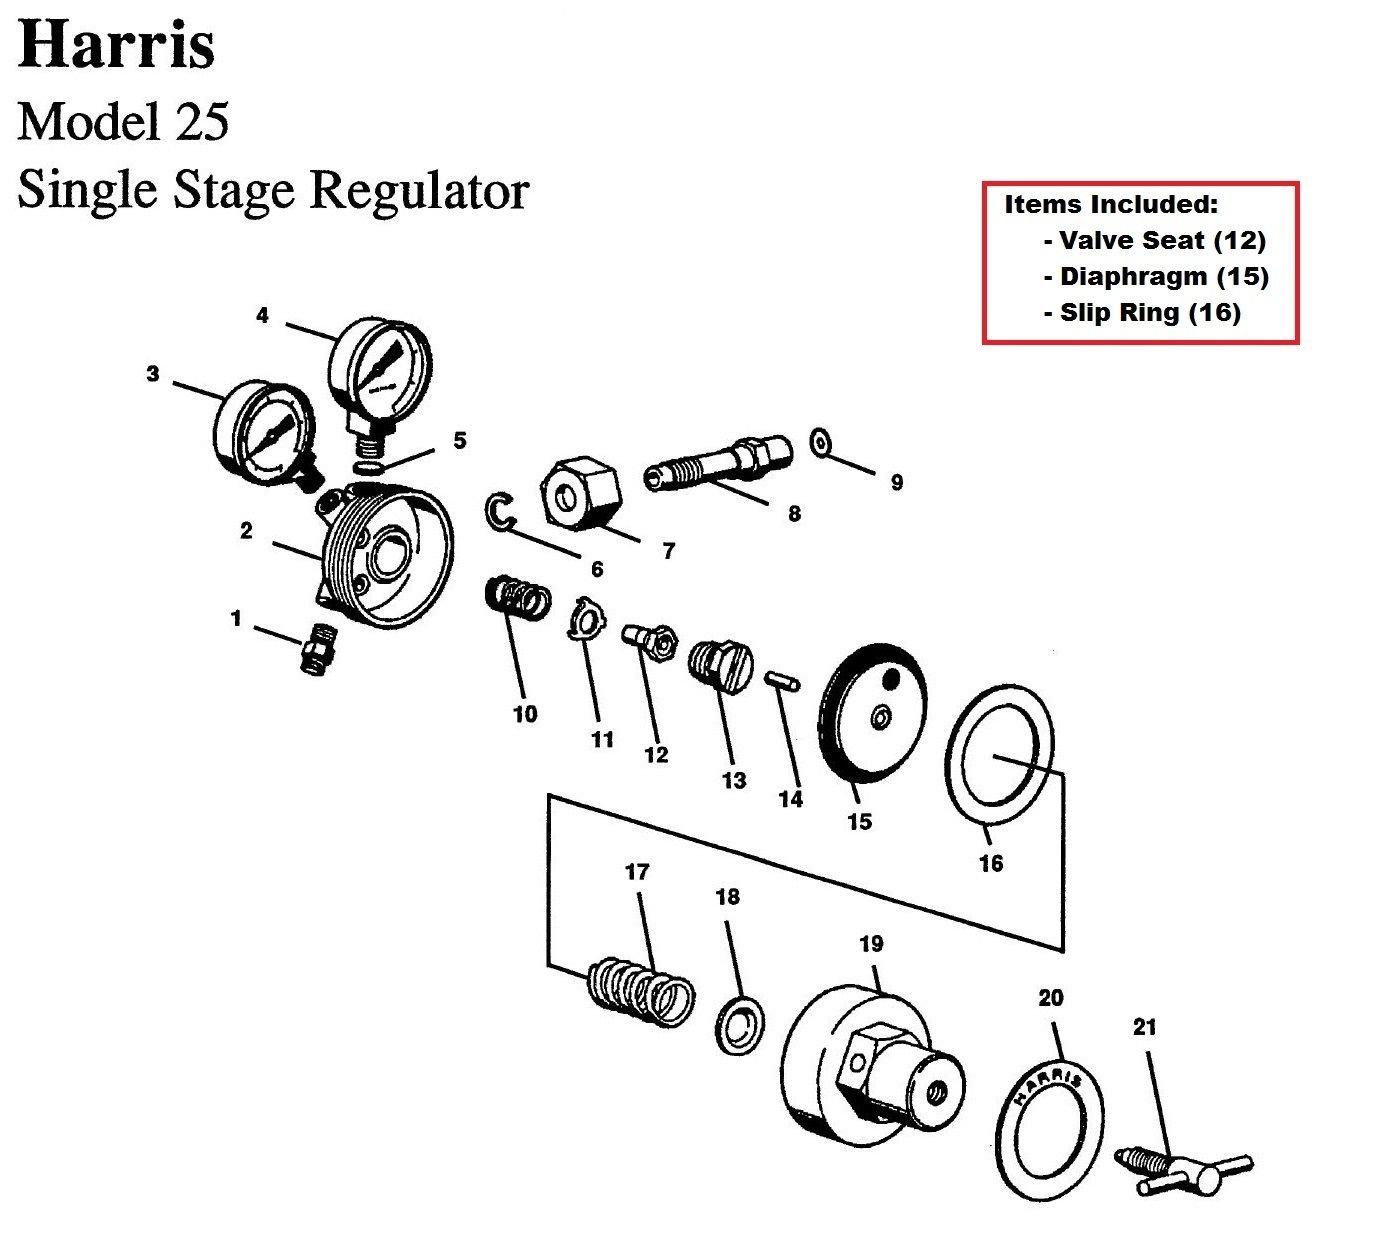 Harris Model 25 29 Regulator Rebuild Repair Parts Kit W Diaphagm Gas Welding Equipment Diagram